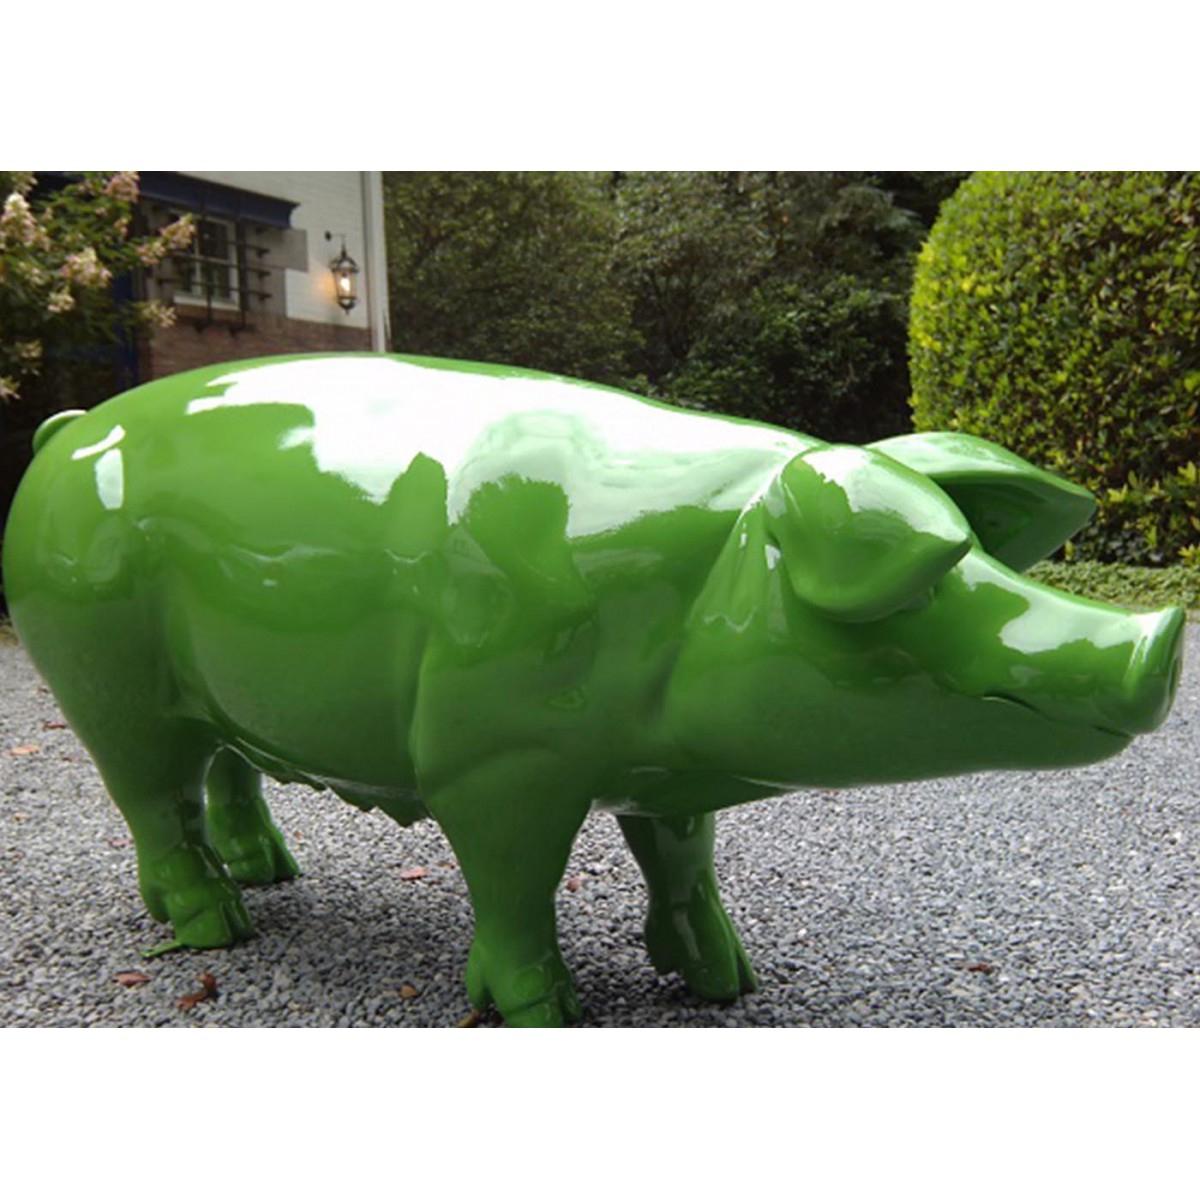 Objet Déco Cochon En Résine Pour Extérieur Texartes à Objets Decoration Jardin Exterieur